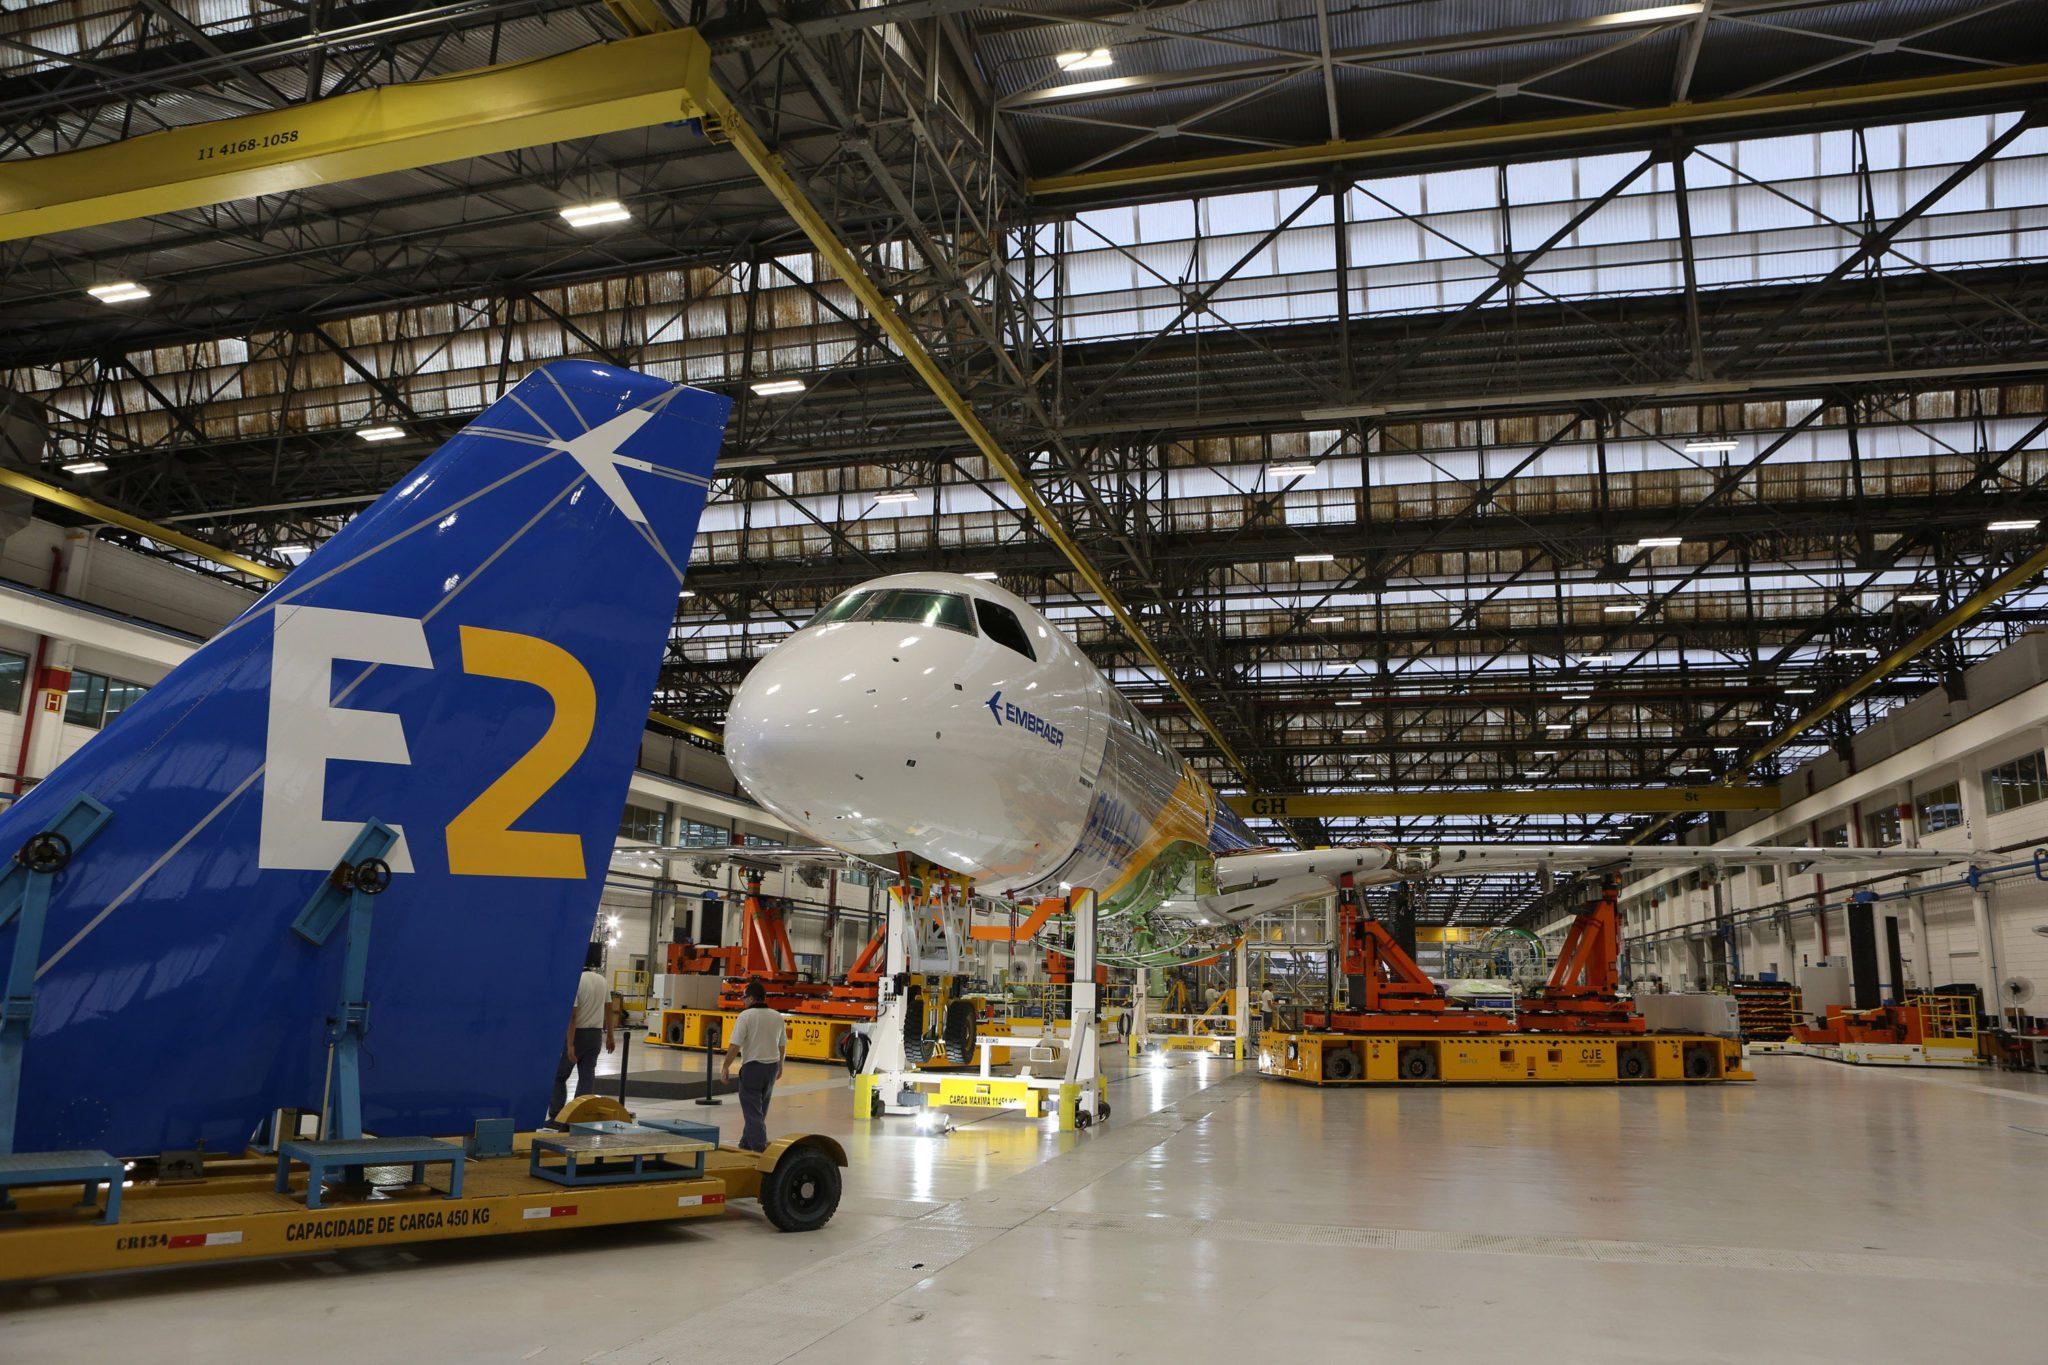 Resultado de imagen para Embraer factory